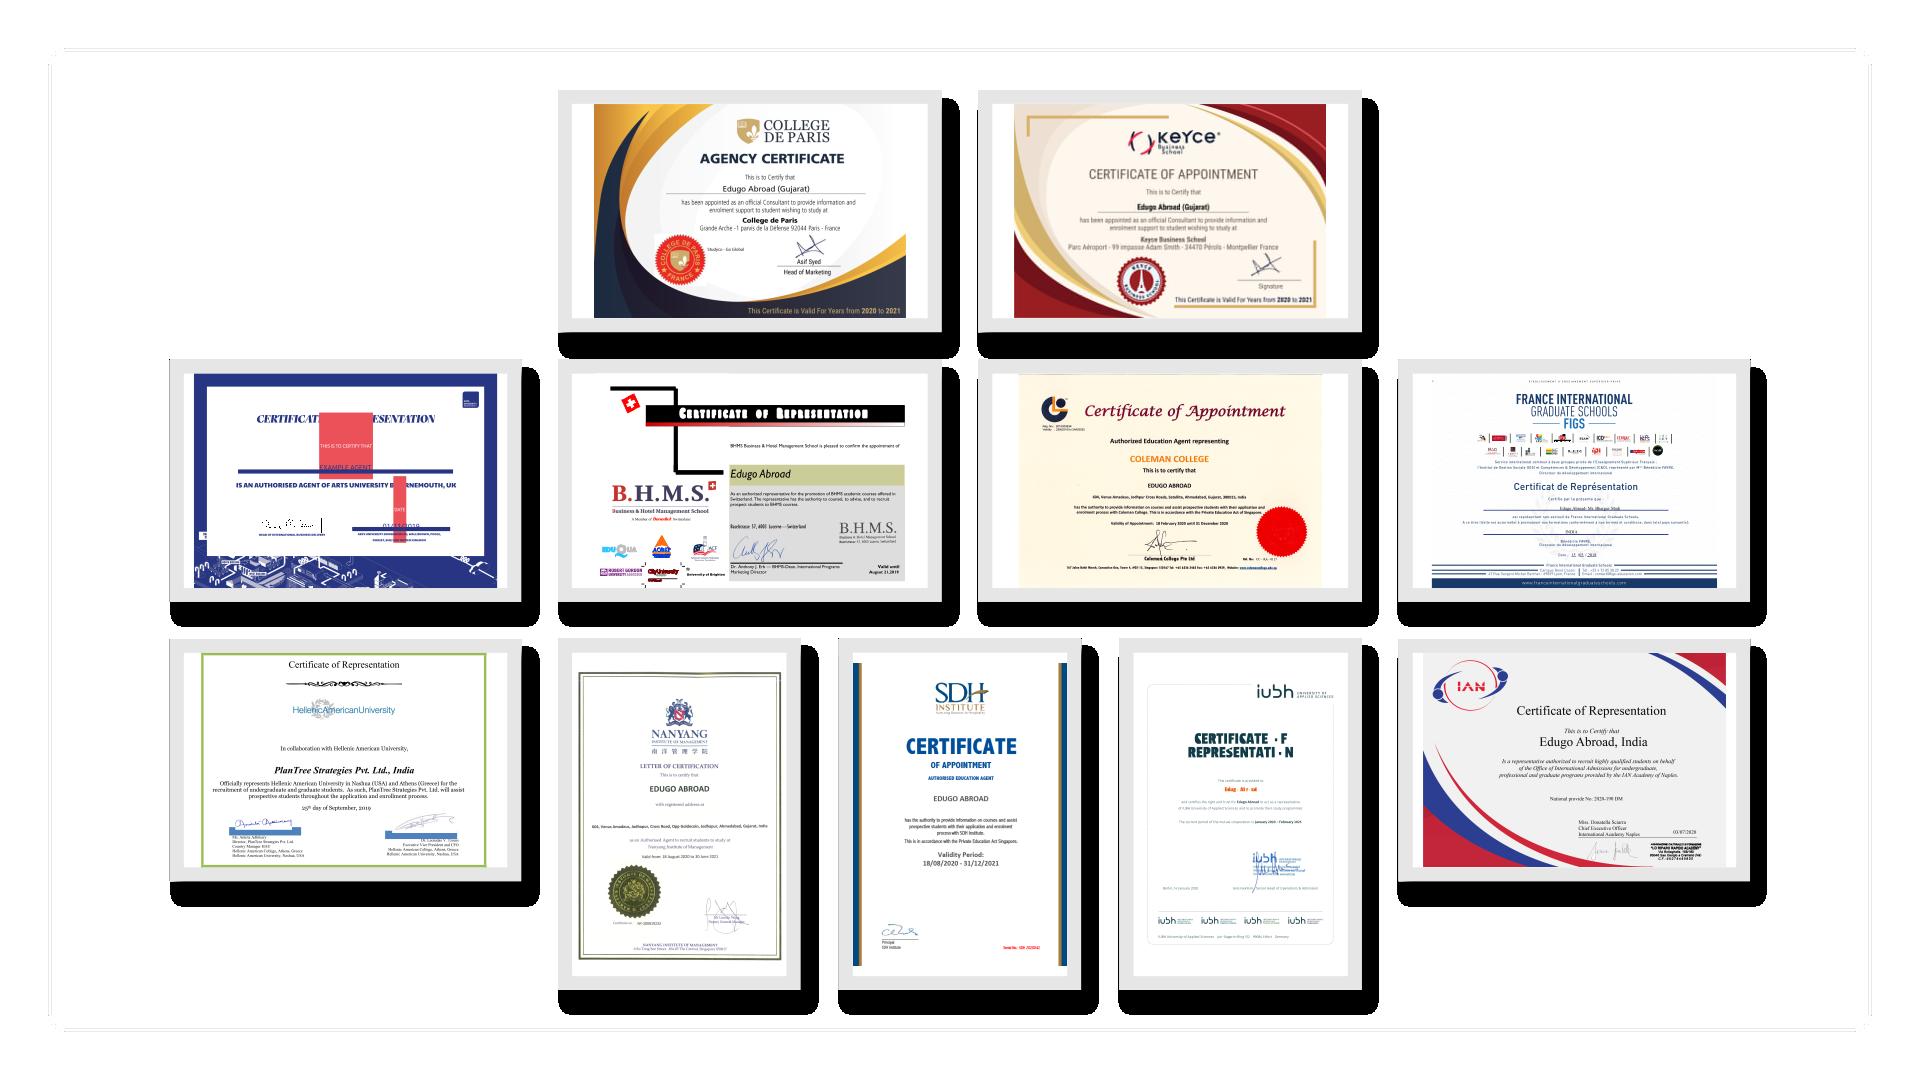 Edugpo abroad agent certificates